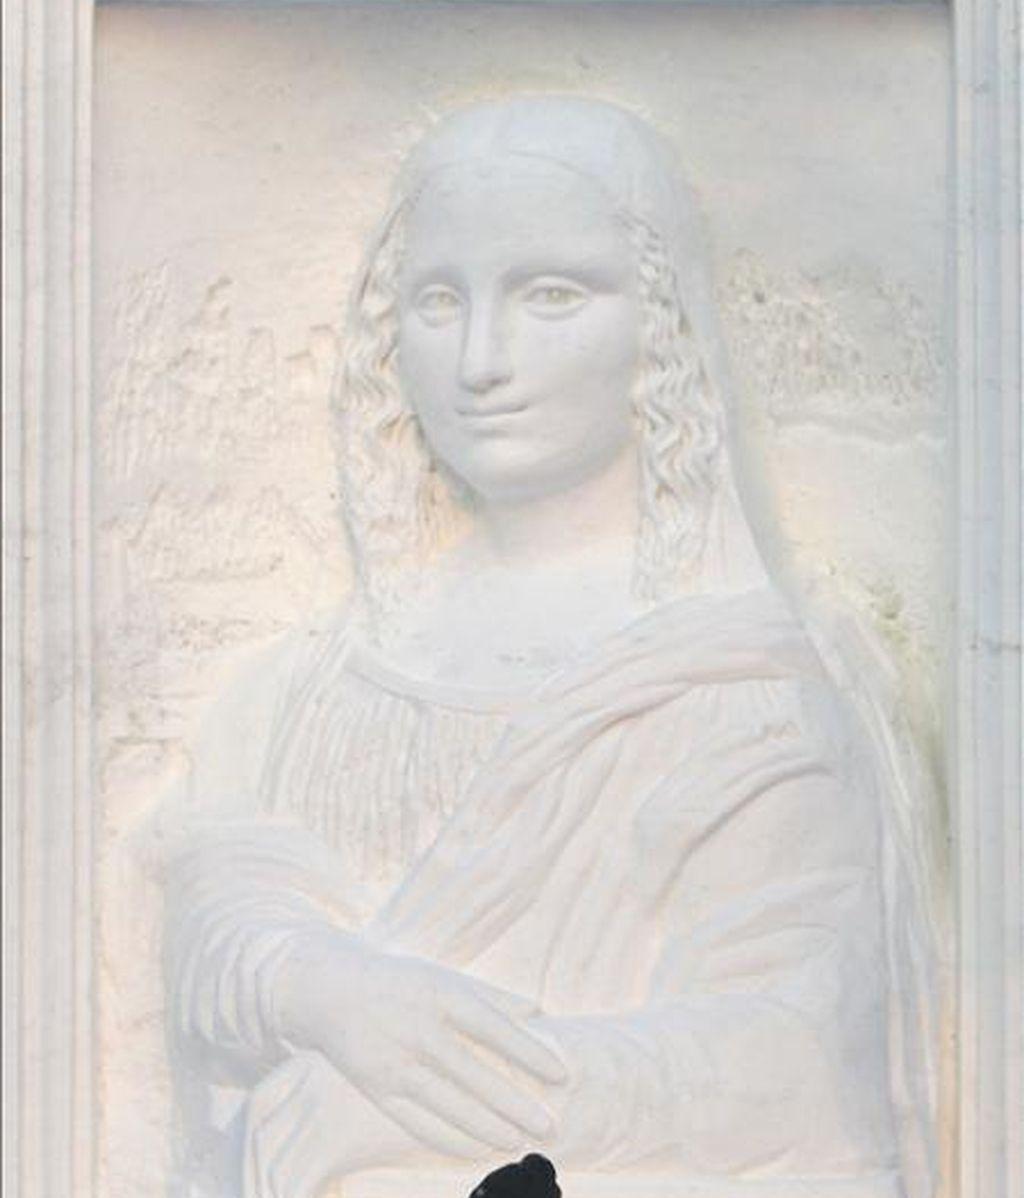 """Un hombre pasa frente a una réplica de la """"Mona Lisa"""" de Leonardo da Vinci, una de las gigantescas estatuas de nieve y agua helada que anualmente se esculpen para ser las estrellas del Festival de la Nieve y el Hielo, una fiesta que comienza hoy y durará varios meses, en la ciudad de Harbin, donde los termómetros pueden llegar hasta los 40 grados bajo cero, en el extremo norte de China. EFE"""